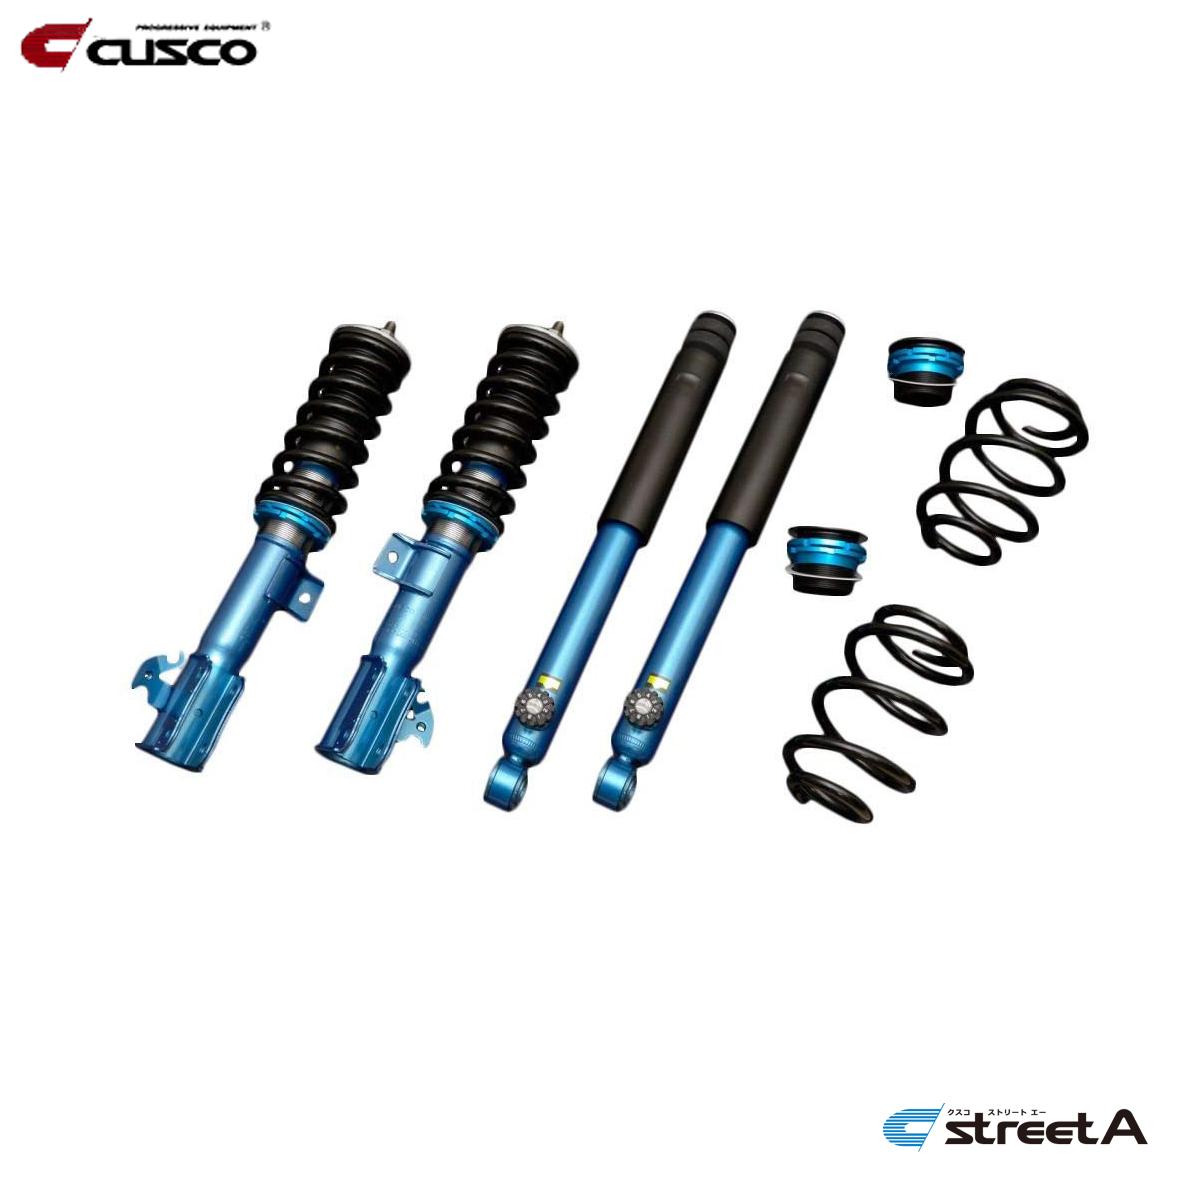 CUSCO クスコ フィットハイブリッド GP1 車高調 全長固定式 386-62J-CB